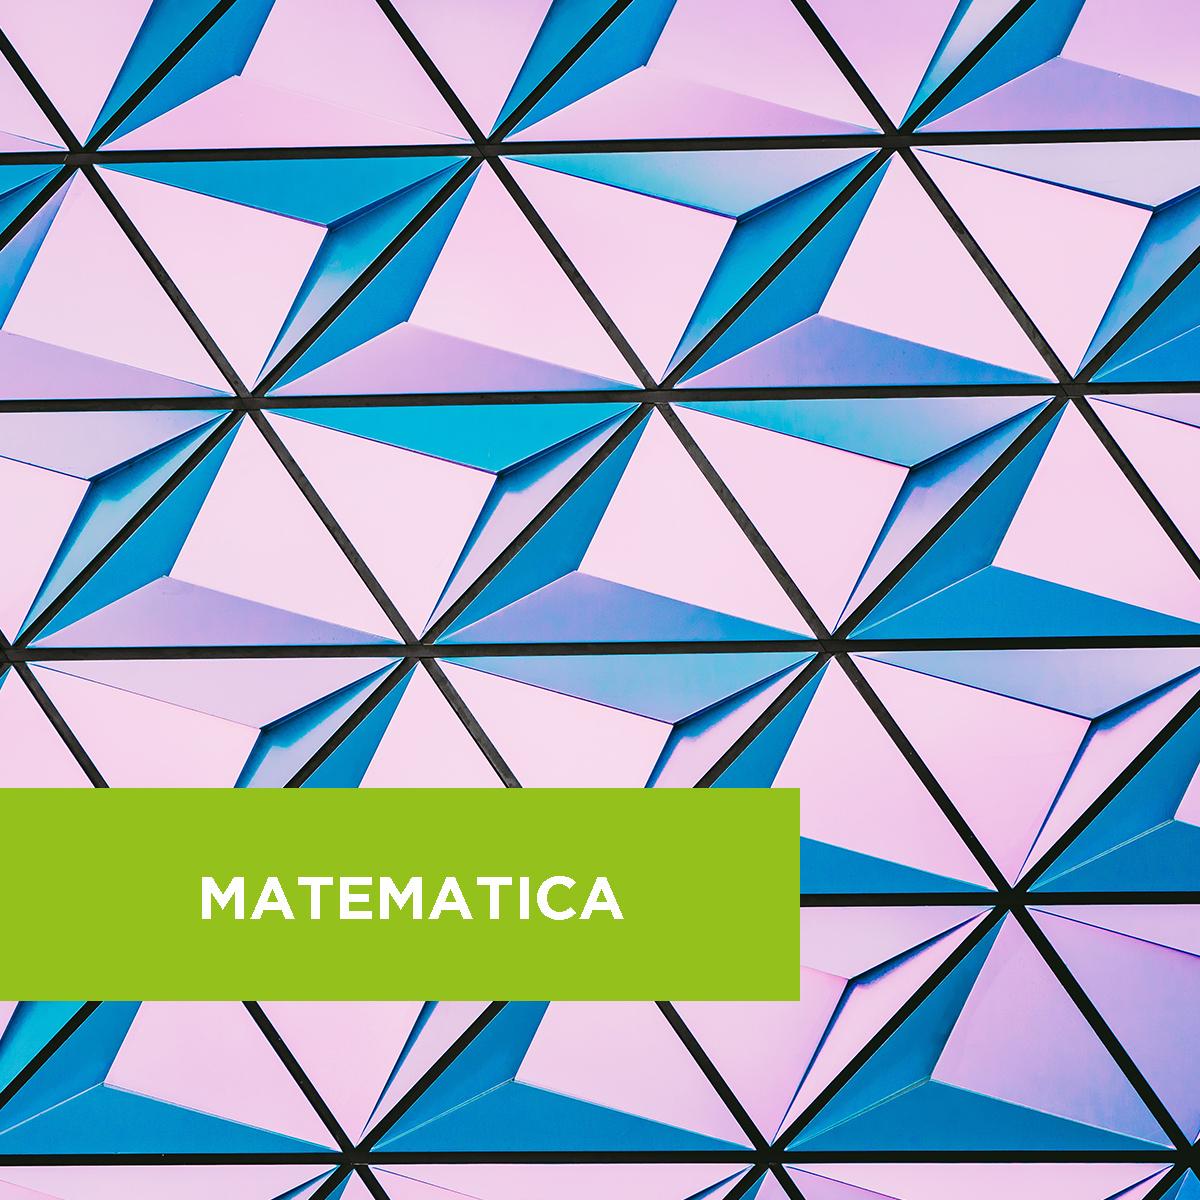 Geometria al telefono: attività collaborative sull'uso del linguaggio geometrico